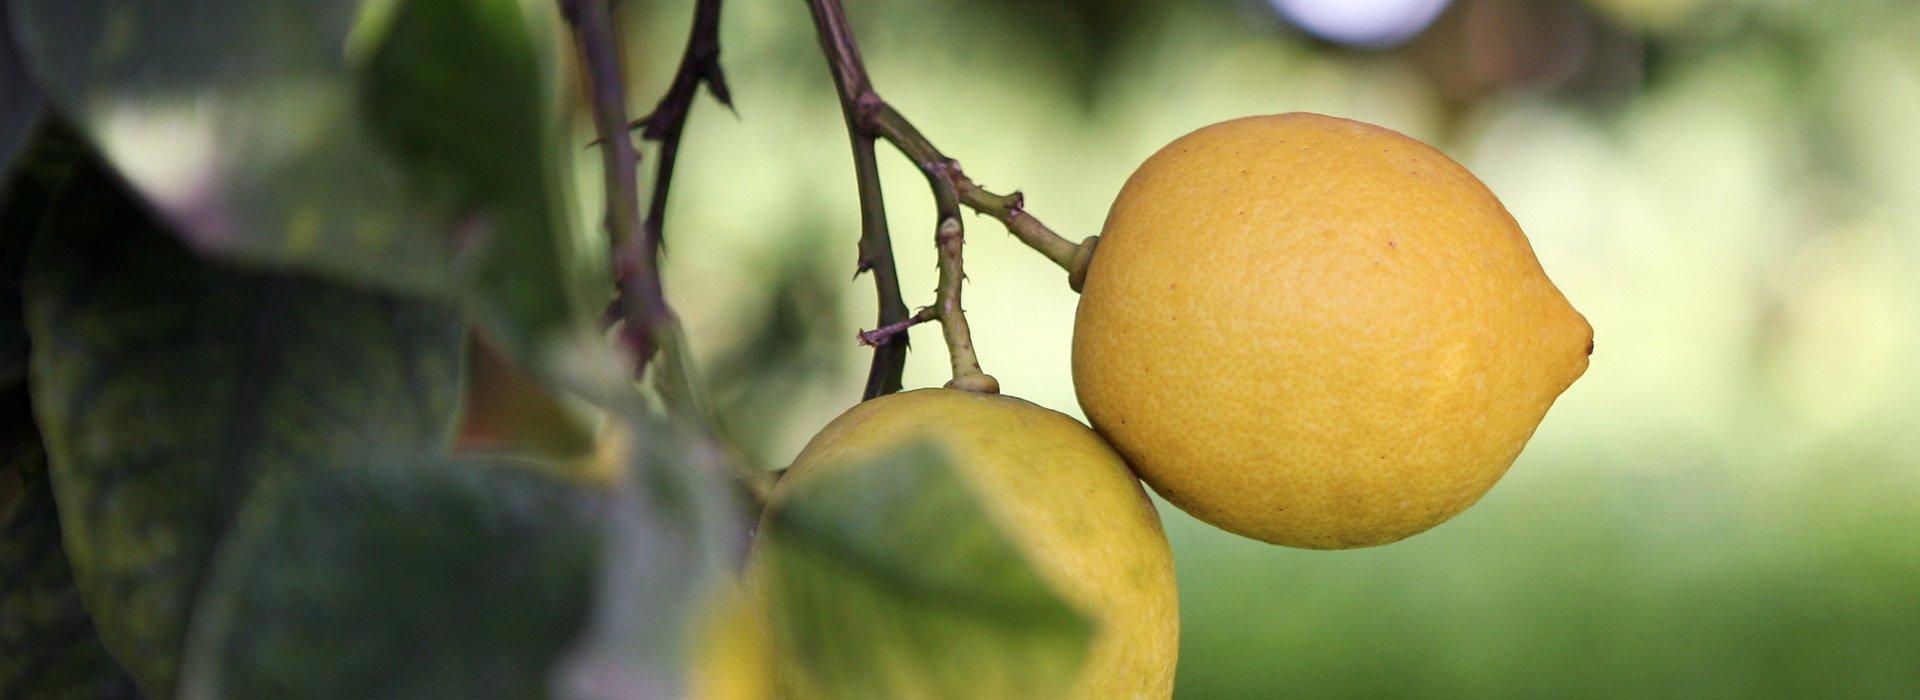 Limoni presenti nel sorbetto su stecco